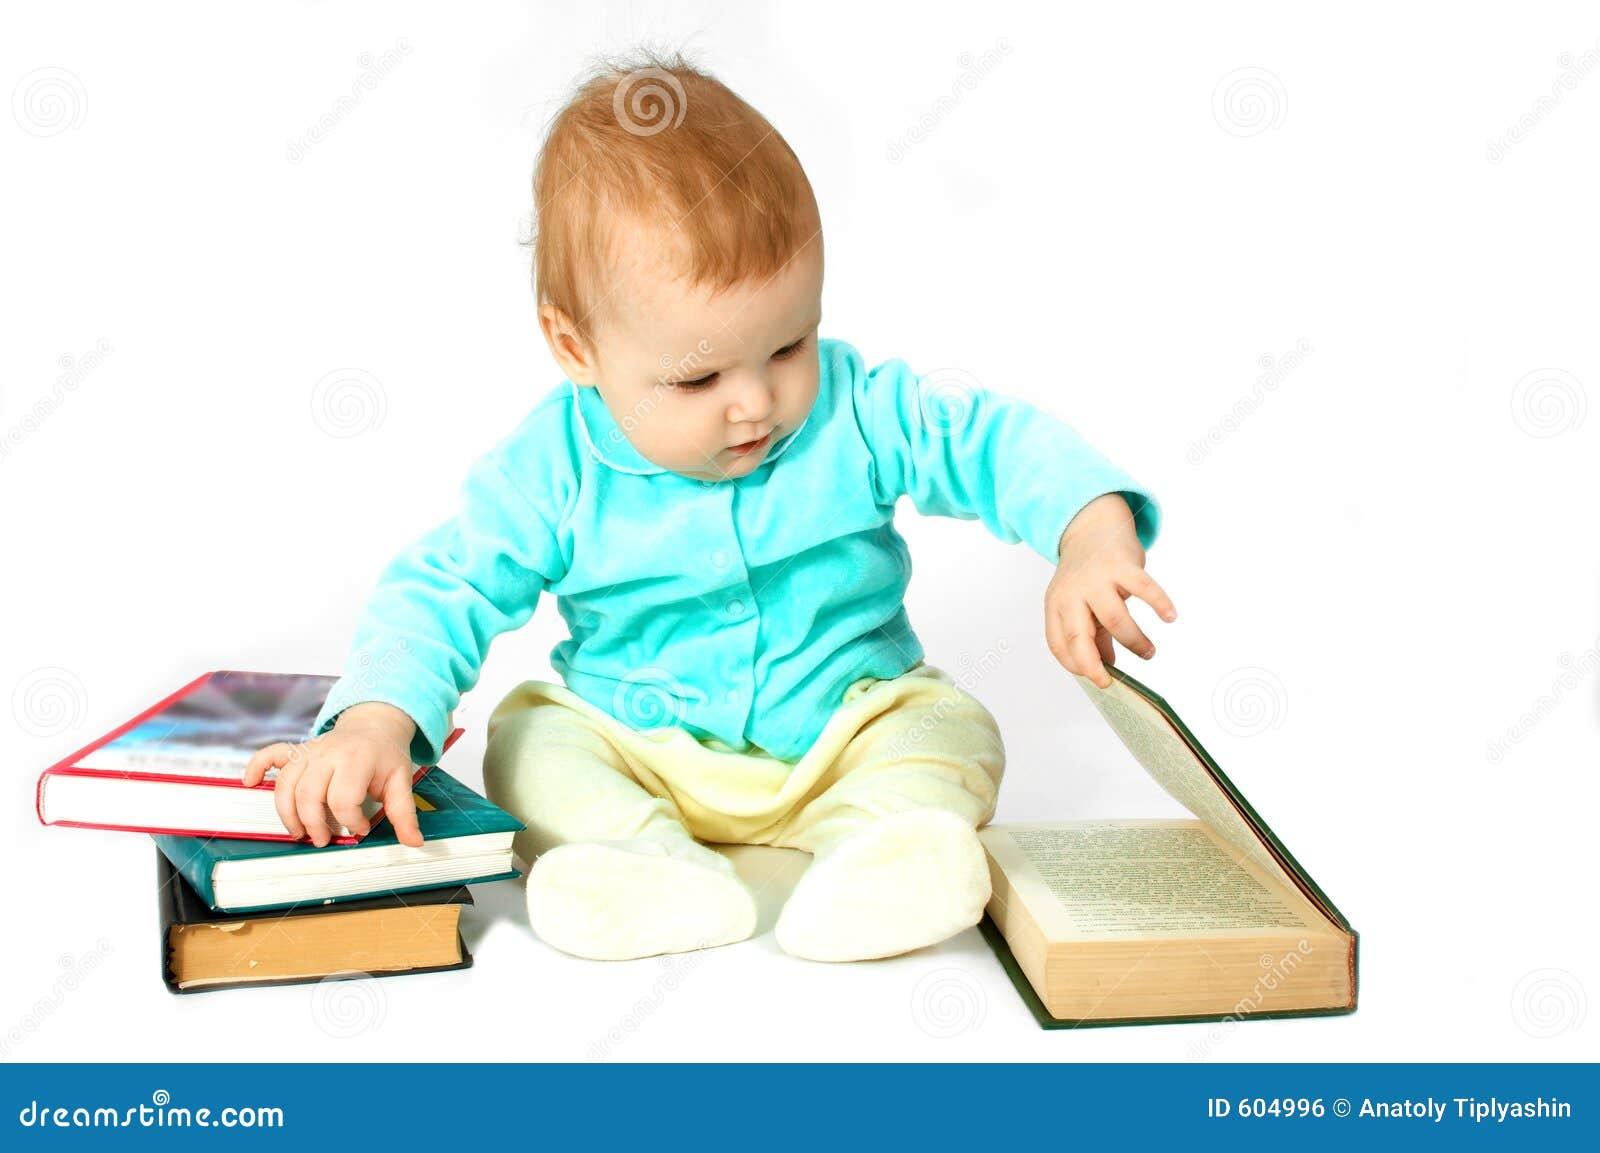 De baby las het boek